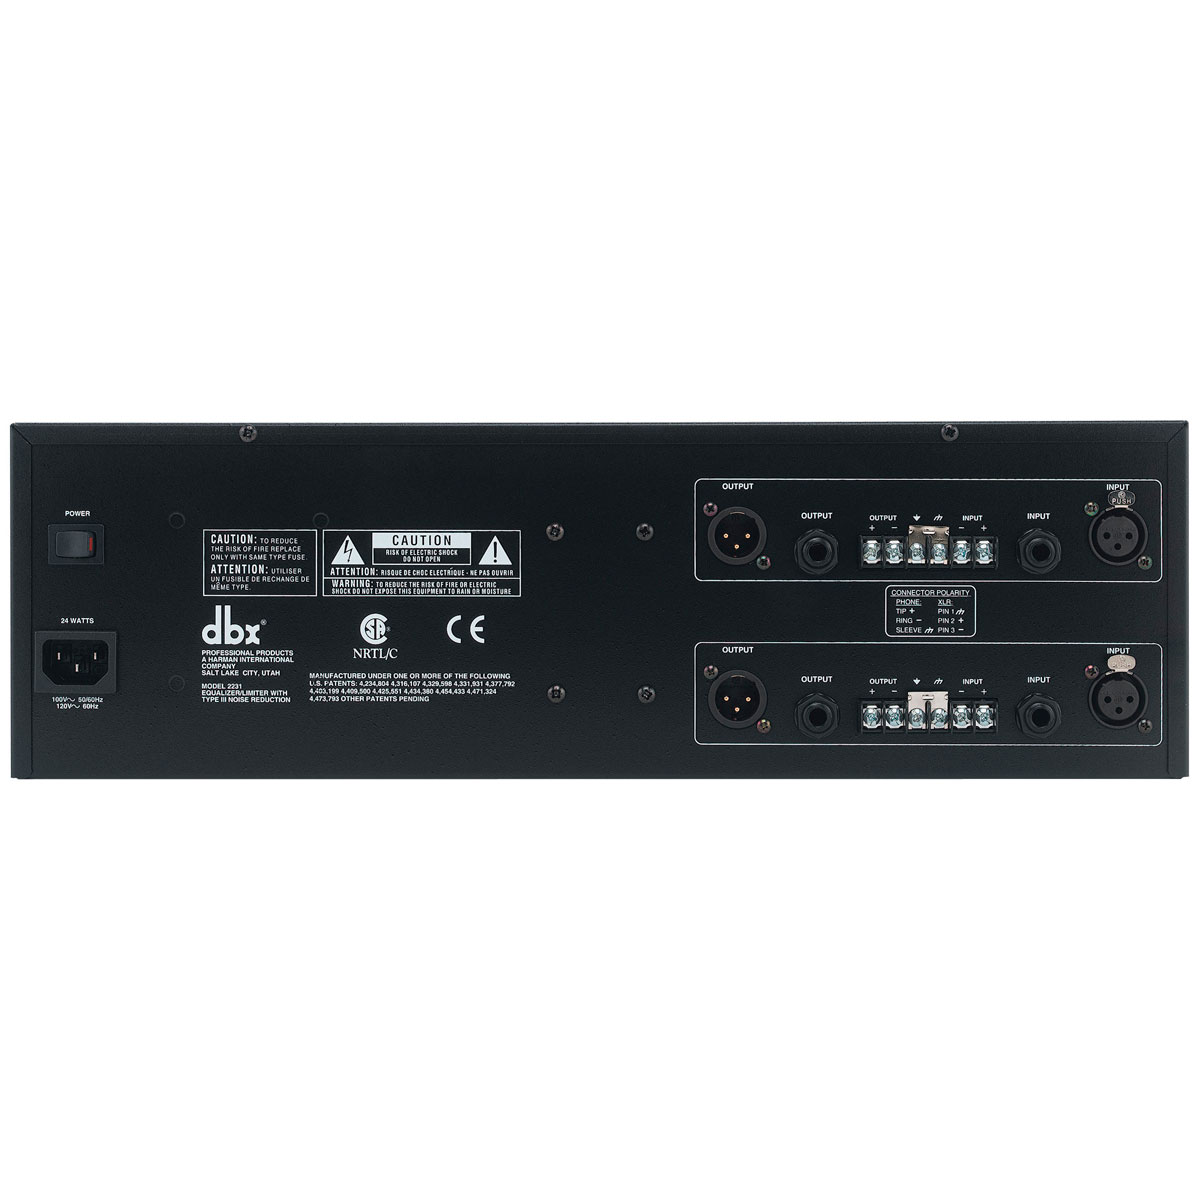 2231 - Equalizador Gráfico 31 Bandas 2231 - DBX